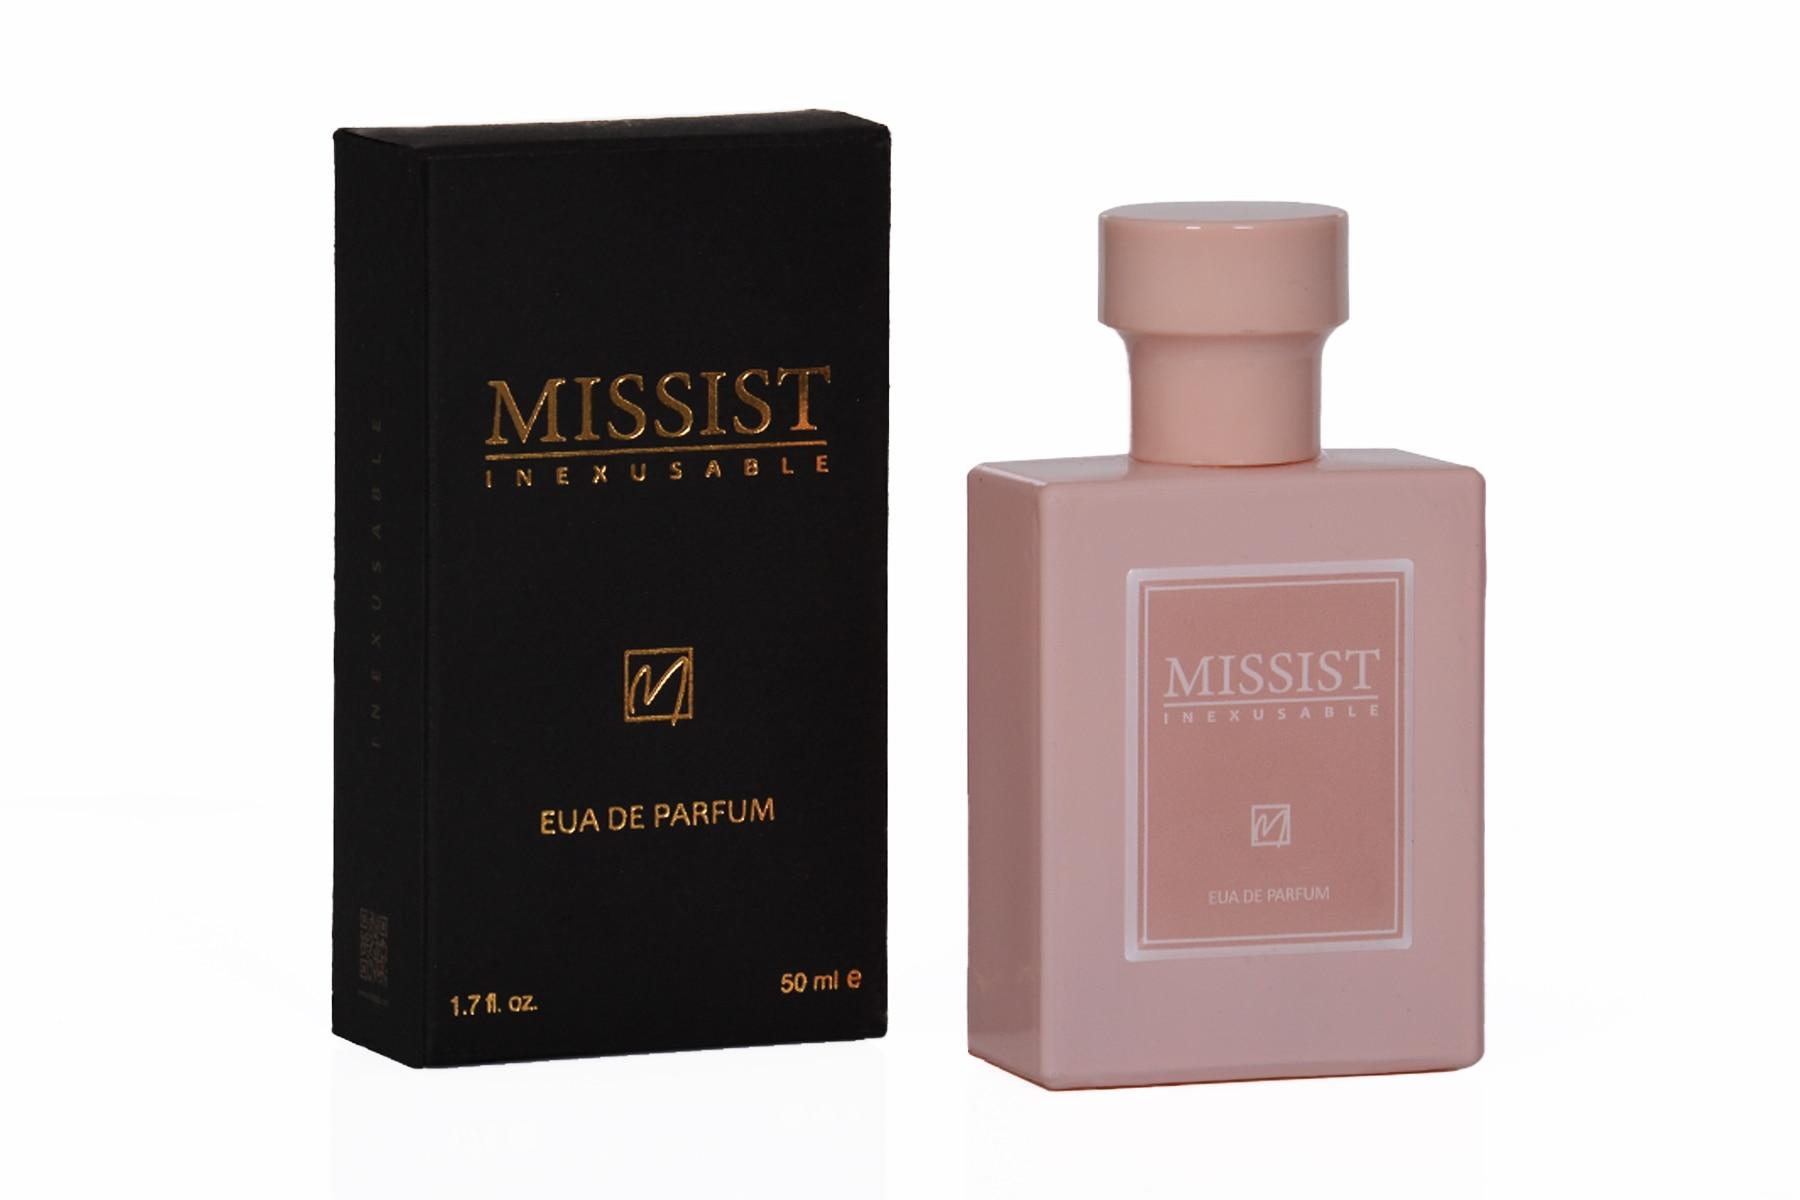 Многоразовая Туалетная вода MISSIST (EDP) розовая серия, 50 мл, Оригинальный Женский долговечный парфюм для женщин, повседневный цветочный парфюм